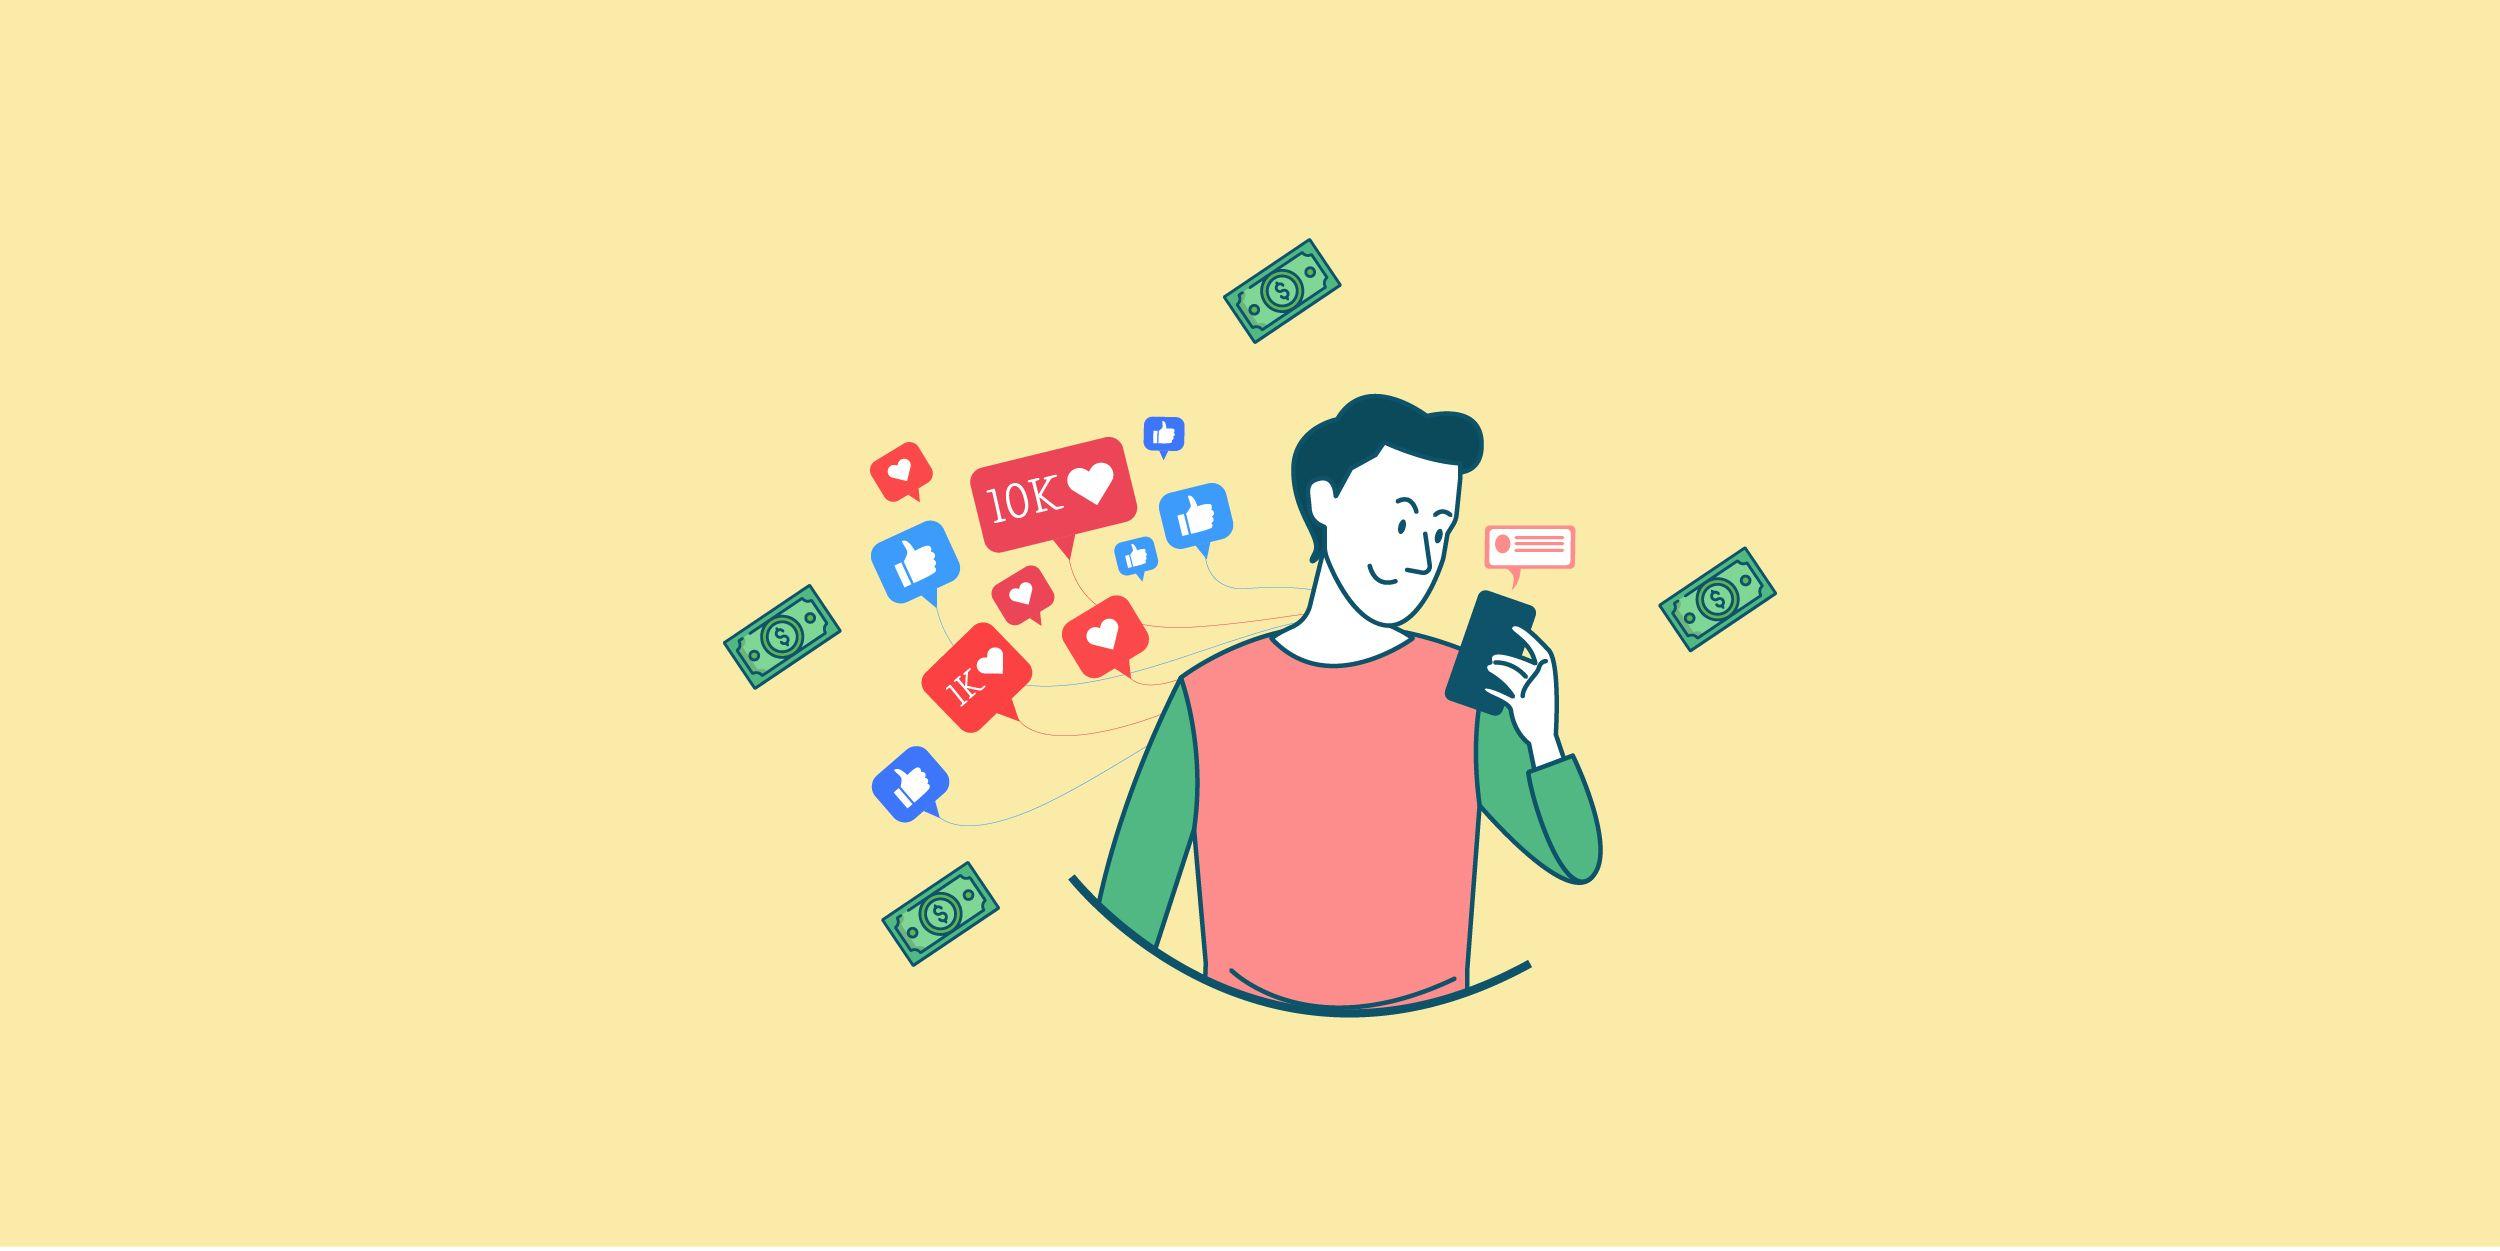 ازاي تكسب فلوس عن طريق مواقع الـ Social Media المختلفة؟